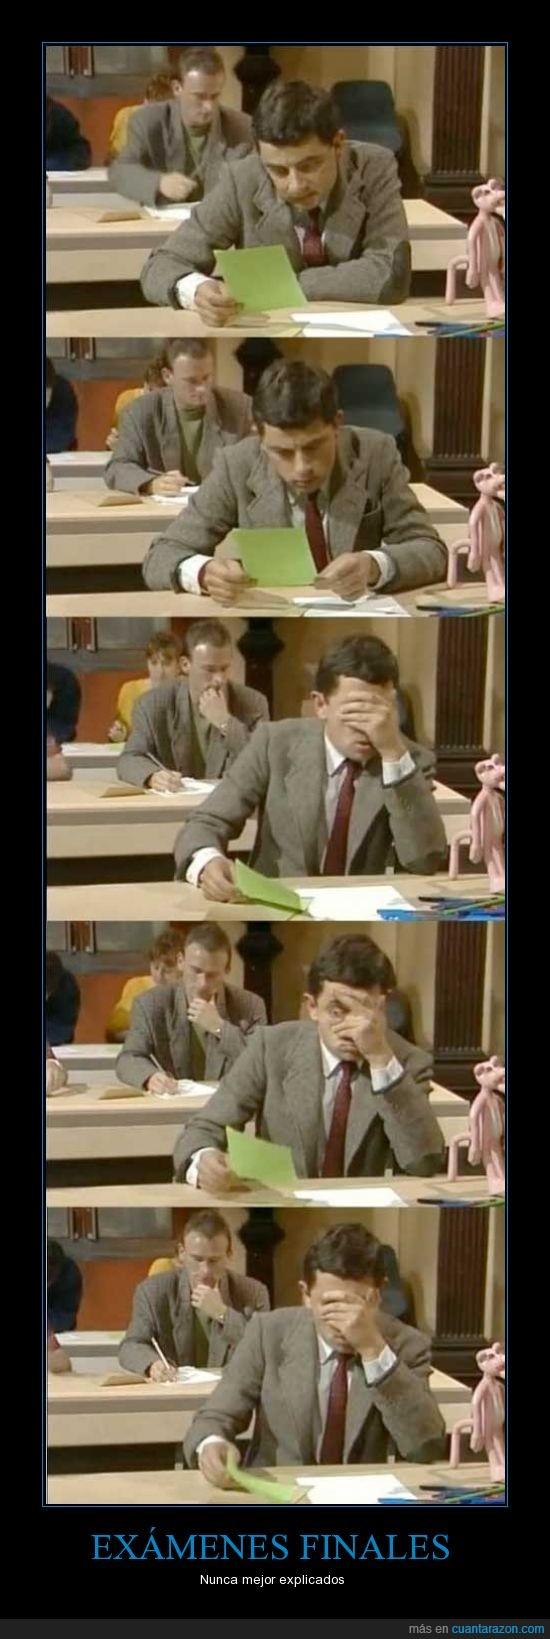 Exámenes,miedo,mirar,Mr. Bean,Notas,Reacción